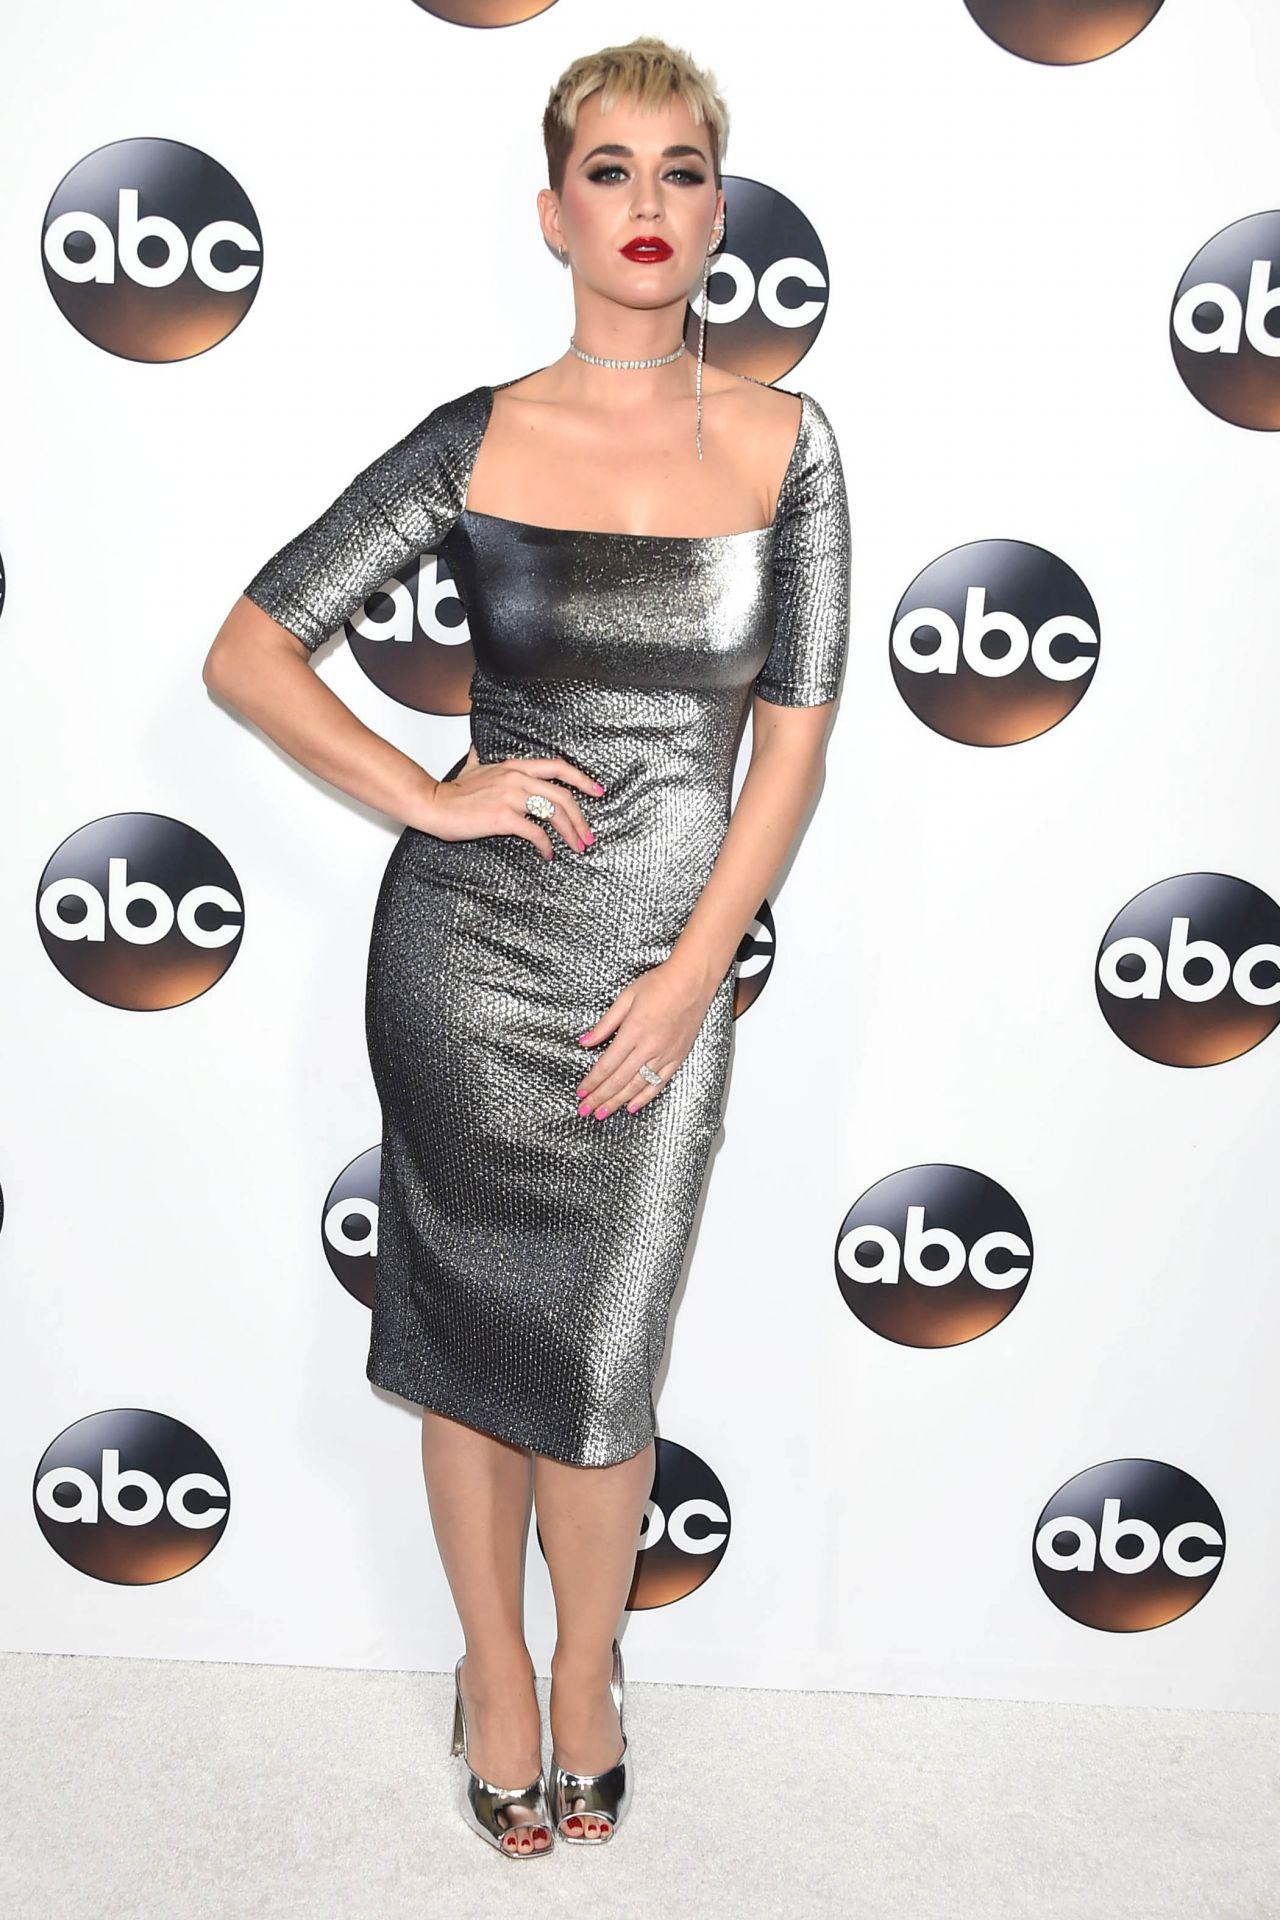 Katy Perry Disney Abc Television Tca Winter Press Tour In La